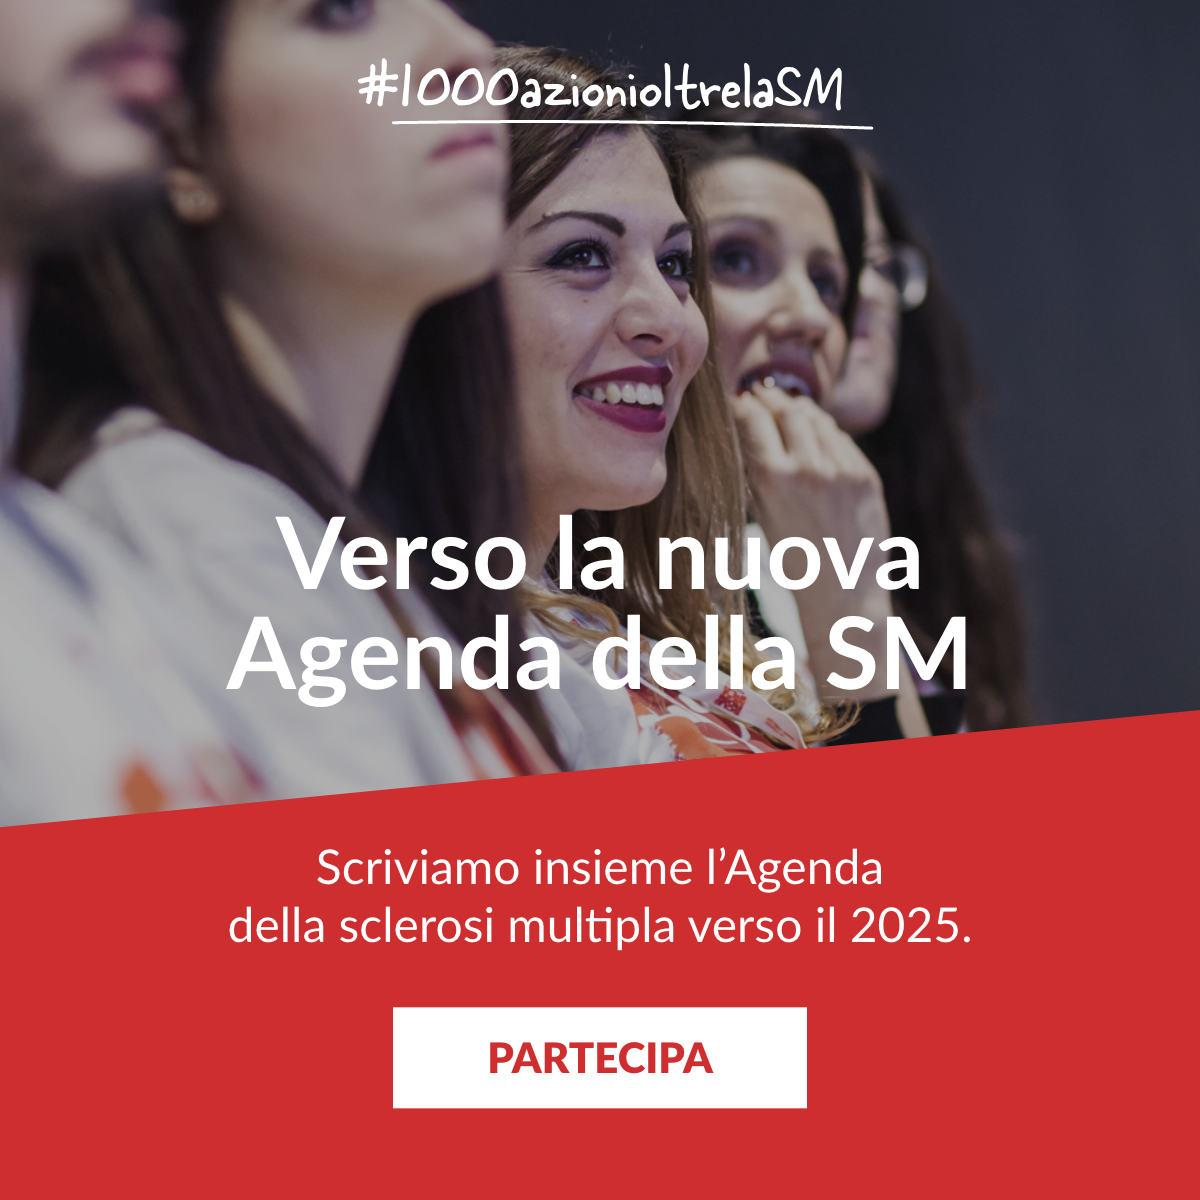 Agenda della SM 2025